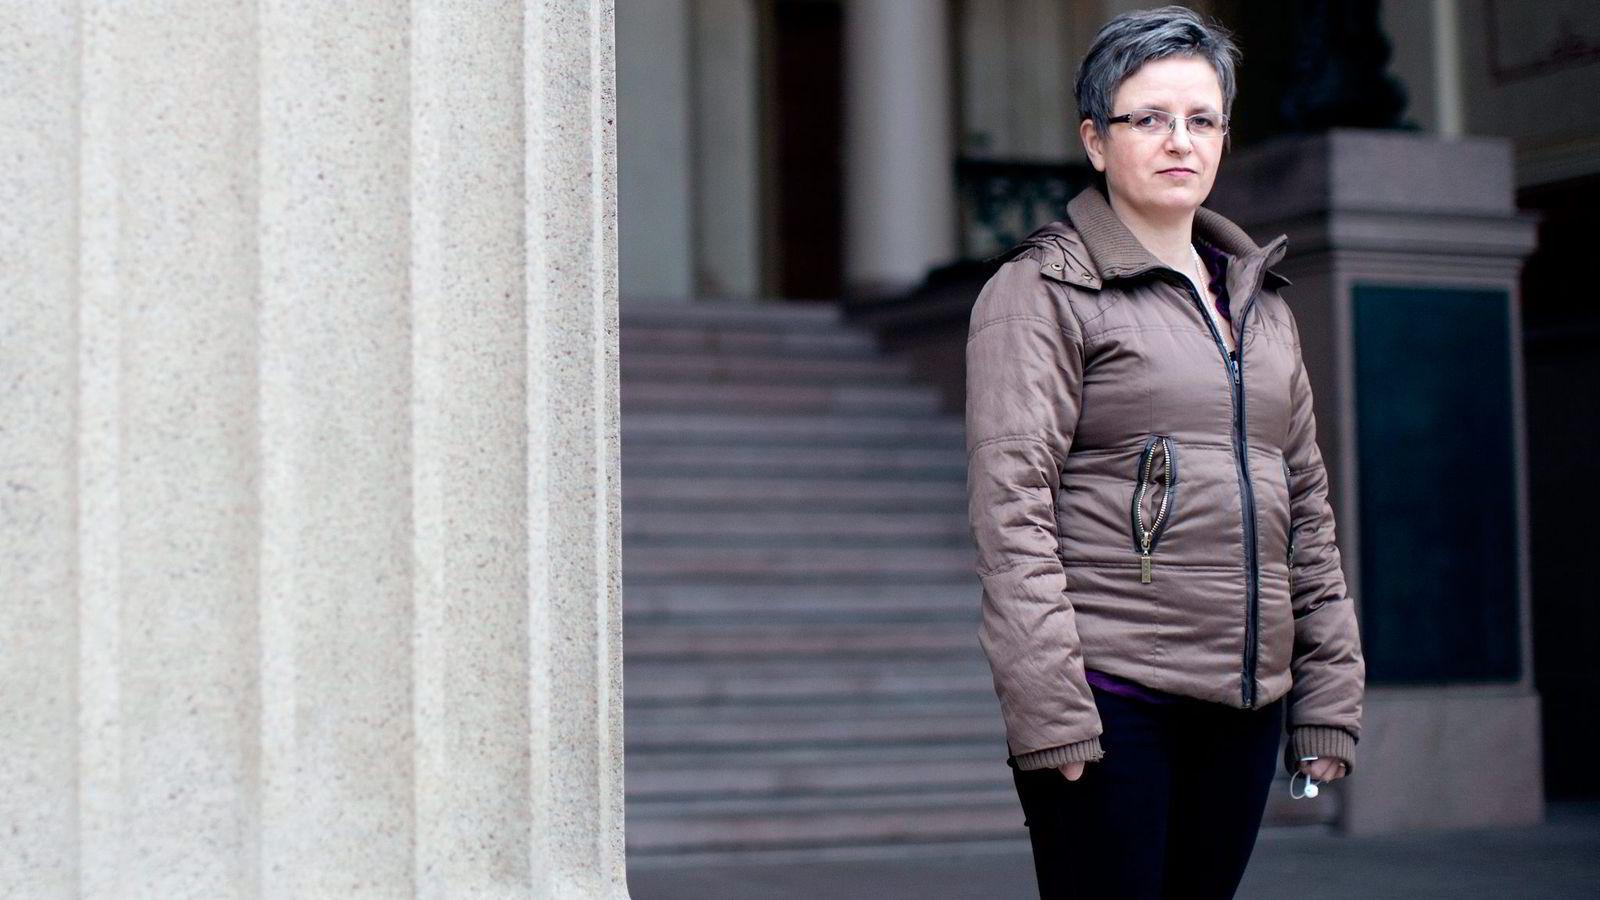 Jusprofessor Beate Sjåfjell mener statens eierskapspolitikk er en fiasko. Foto: